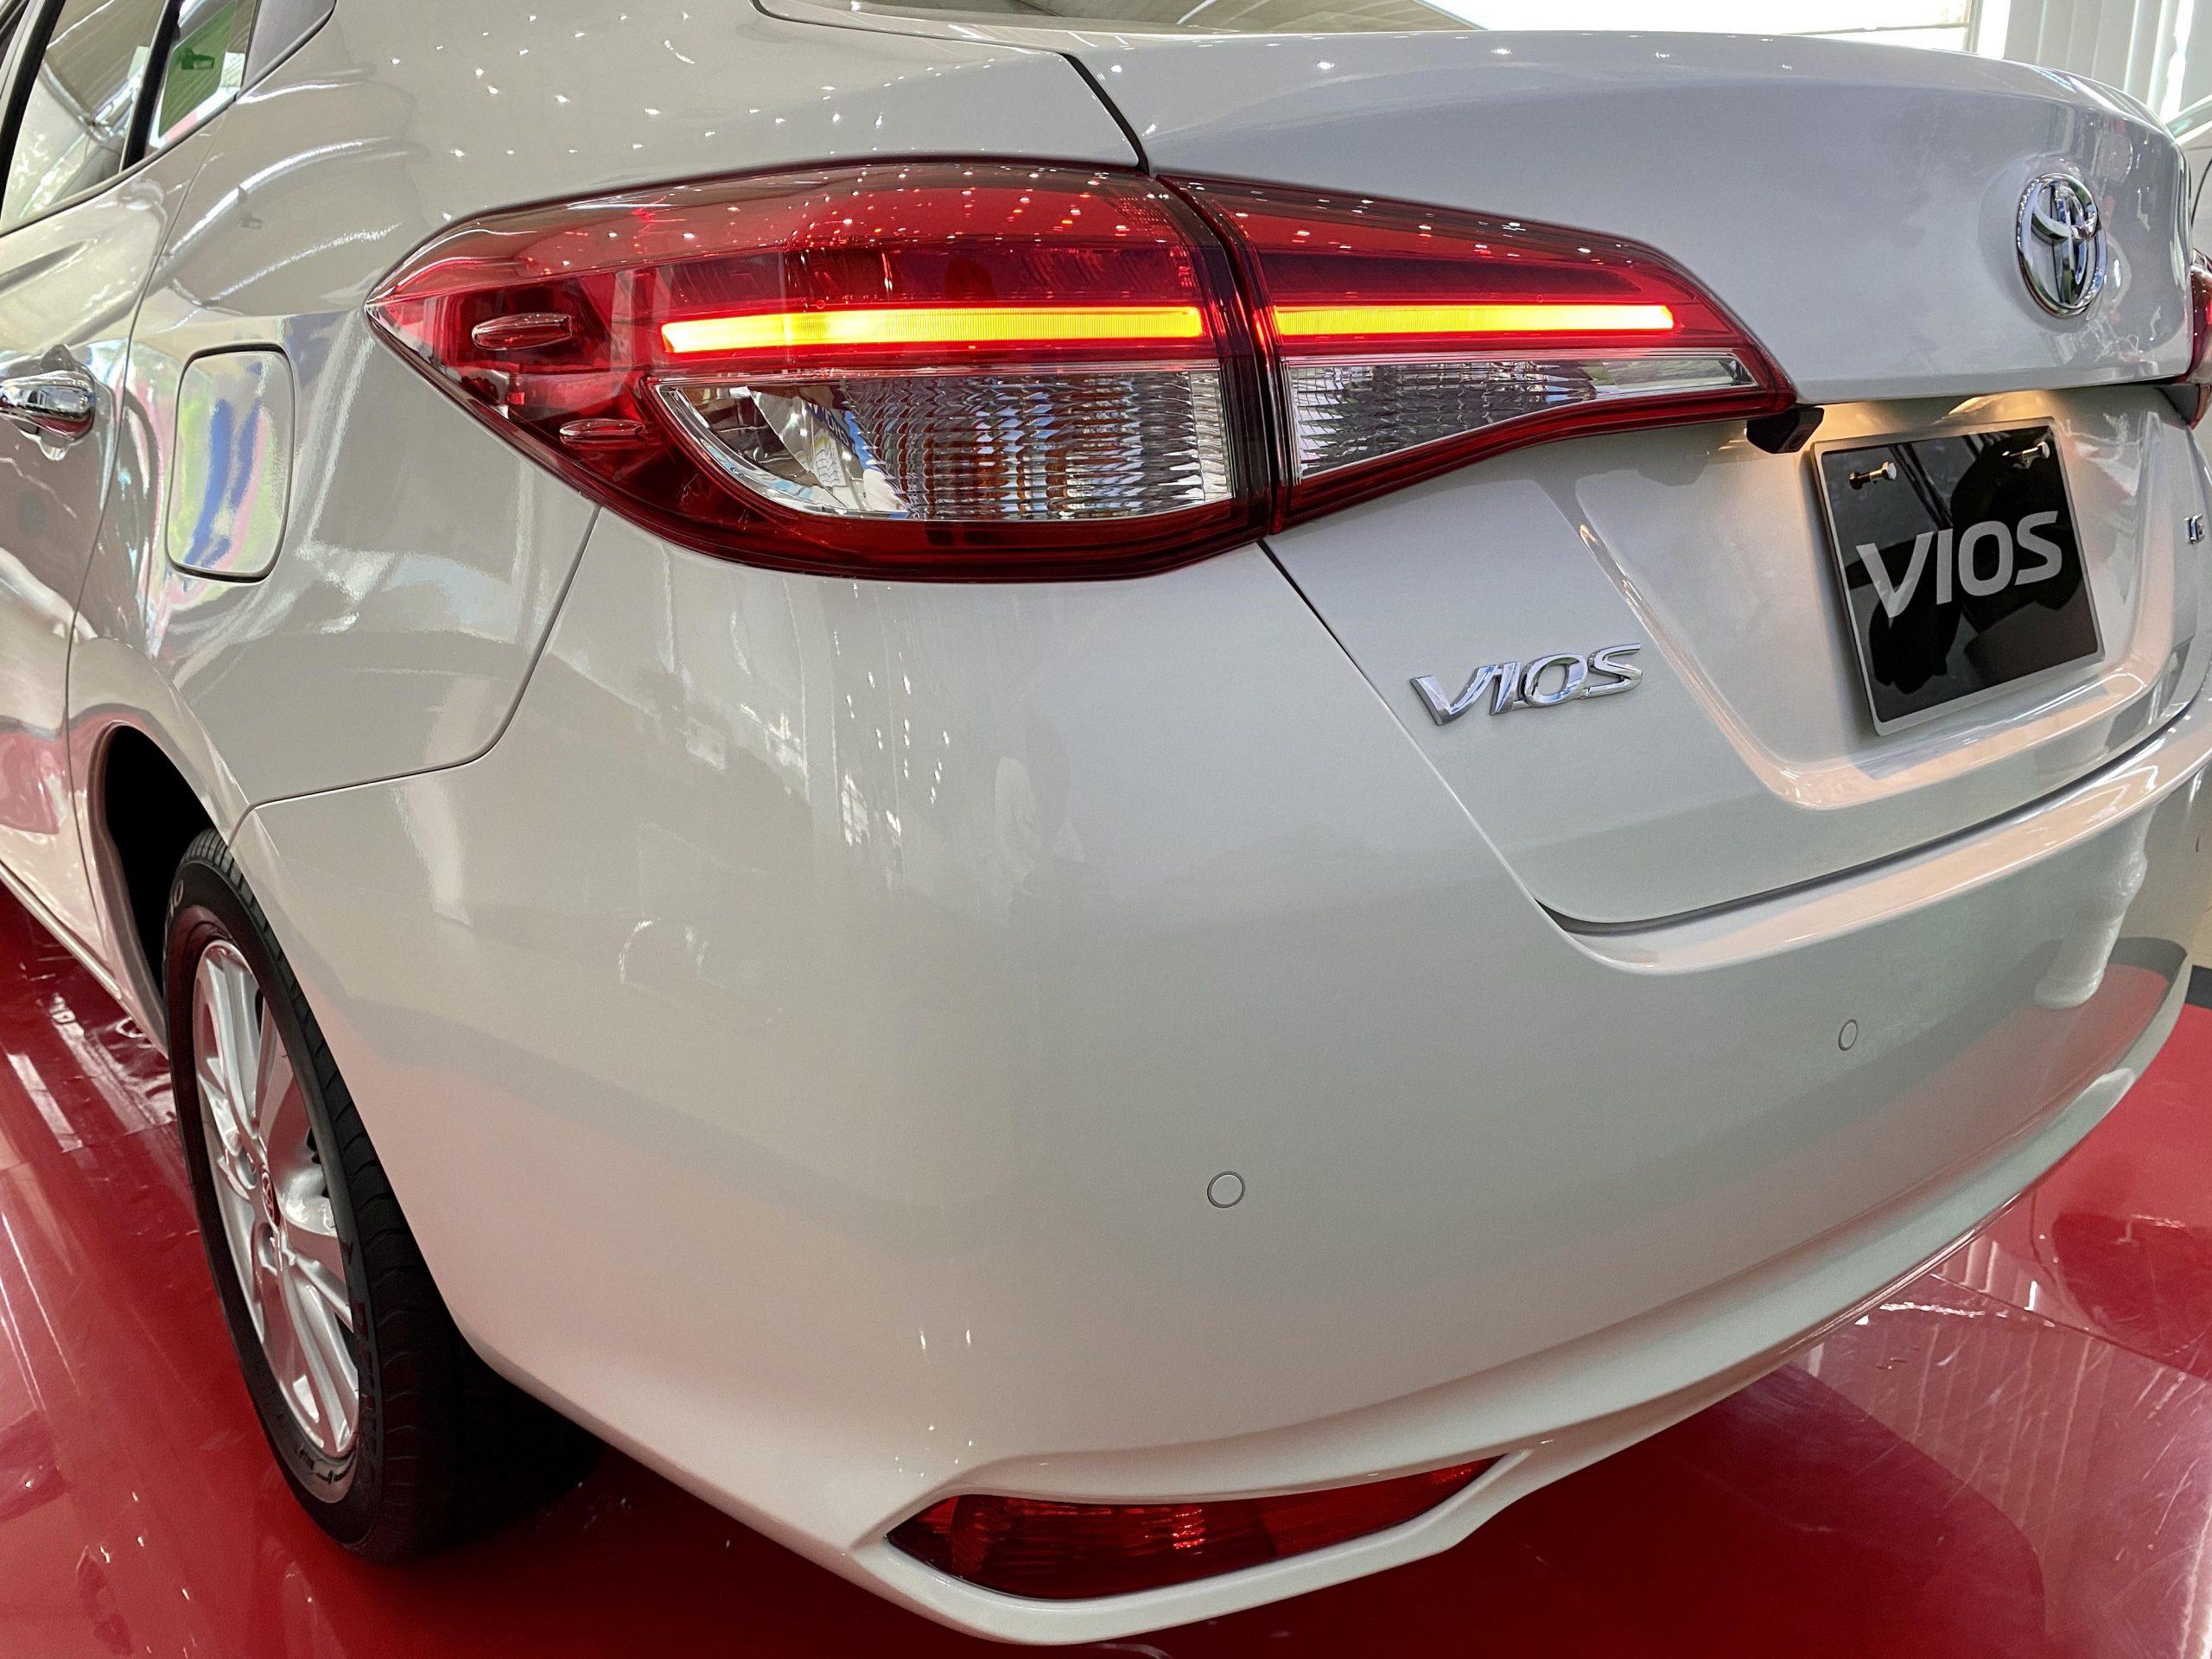 Vios 2020 G 02 scaled - Toyota Vios 2020: giá bán và khuyến mãi cập nhật mỗi 2 phút